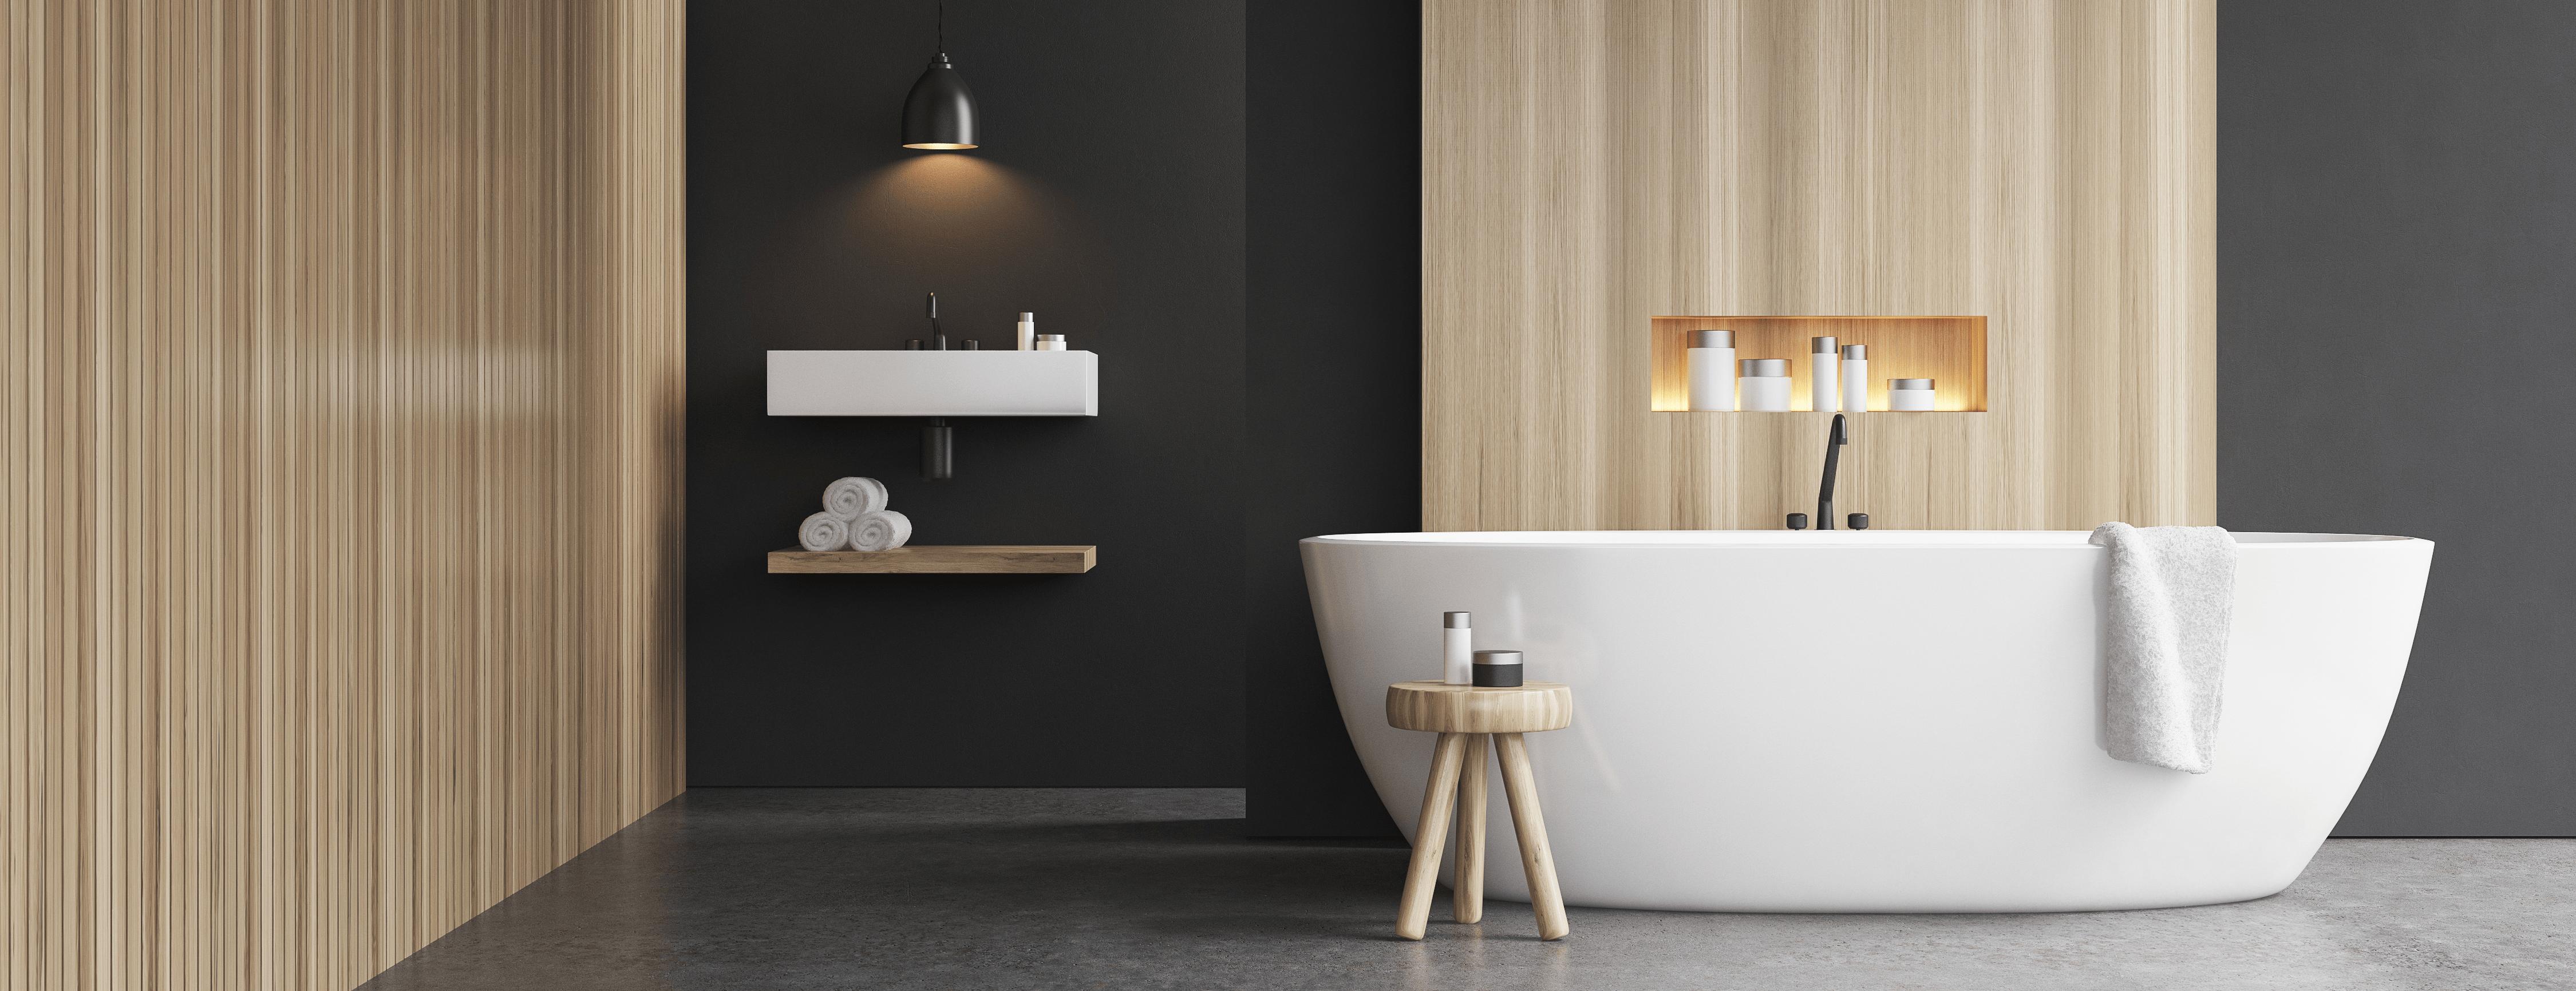 Badkamer renoveren | Bekijk ons handige stappenplan | Huisa.nl